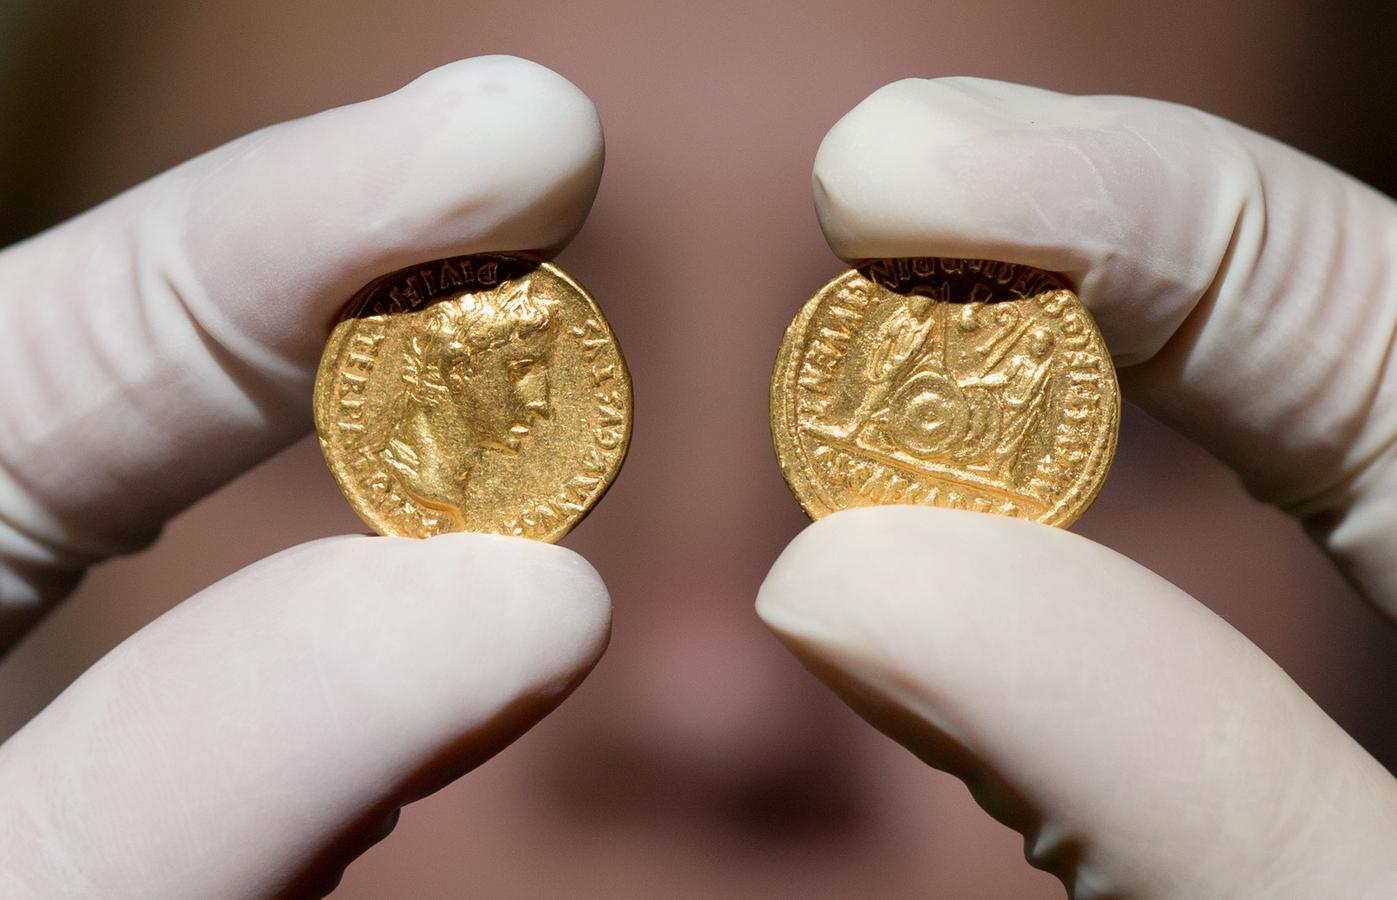 Archäologen Graben In Japan Römische Münzen Aus Br24